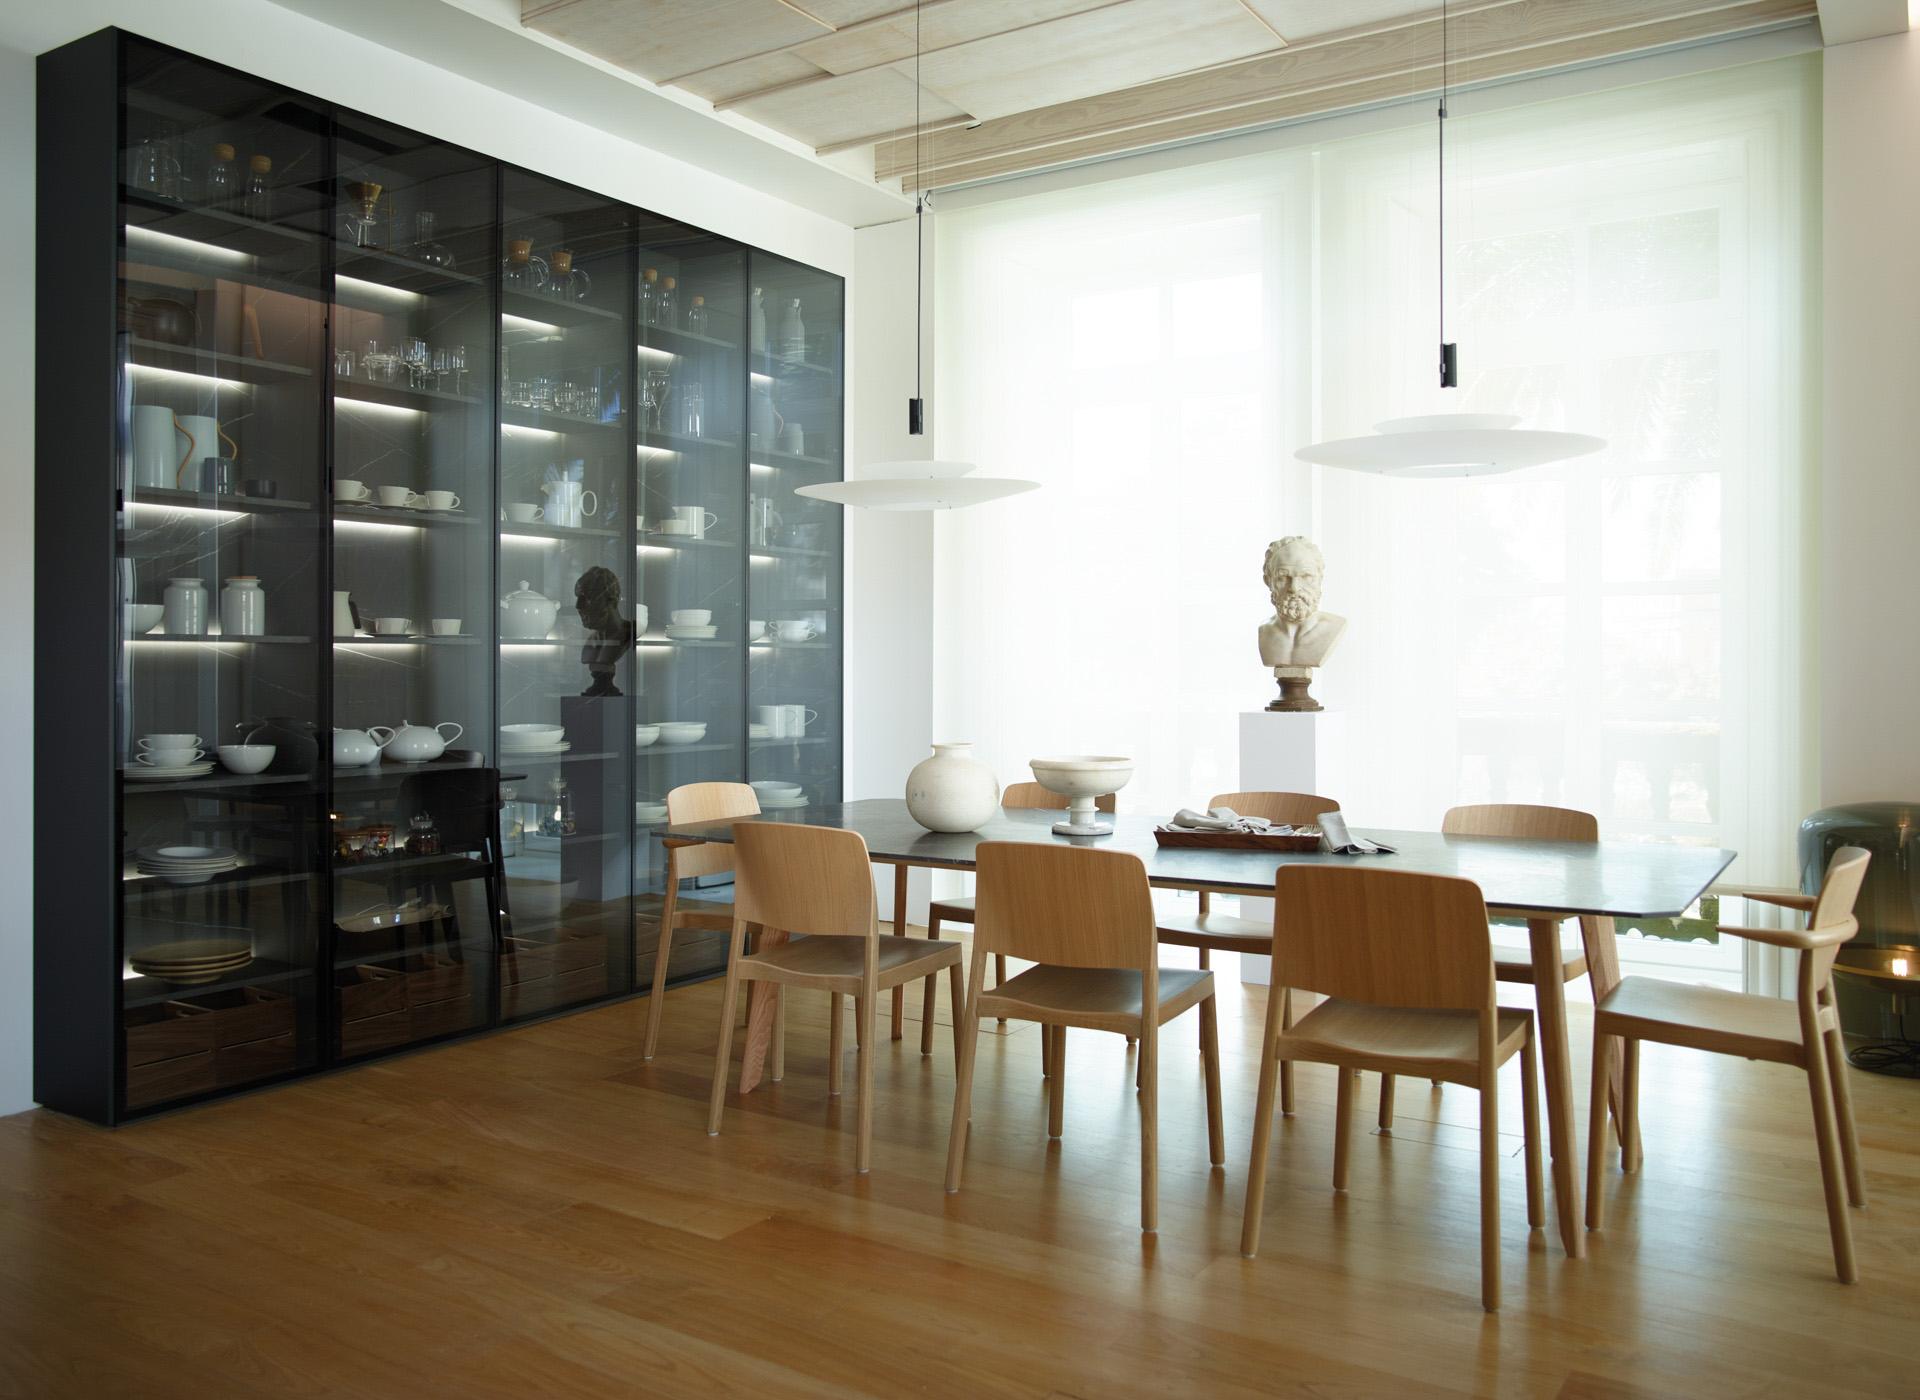 Cocina abierta al comedor con armario y lámpara